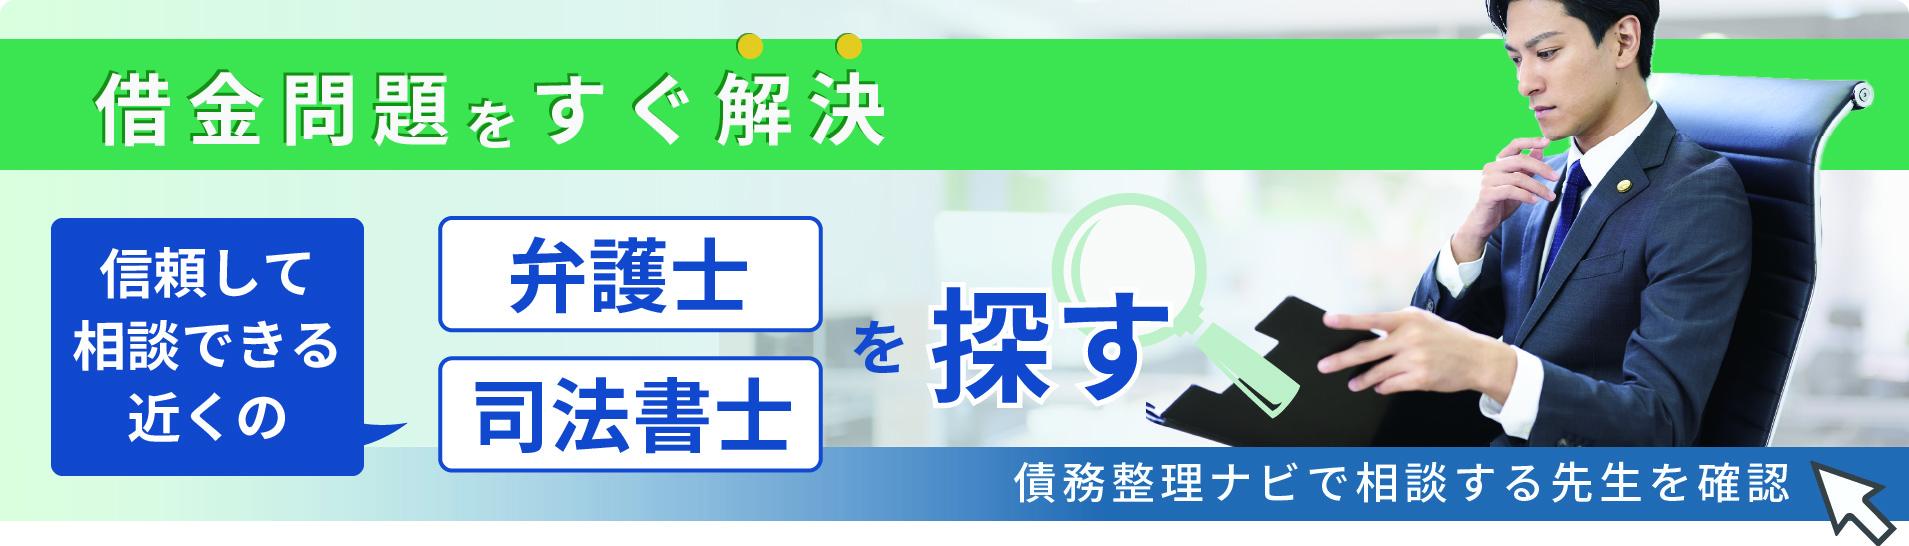 広島県で相談できる近くの弁護士・司法書士を探す